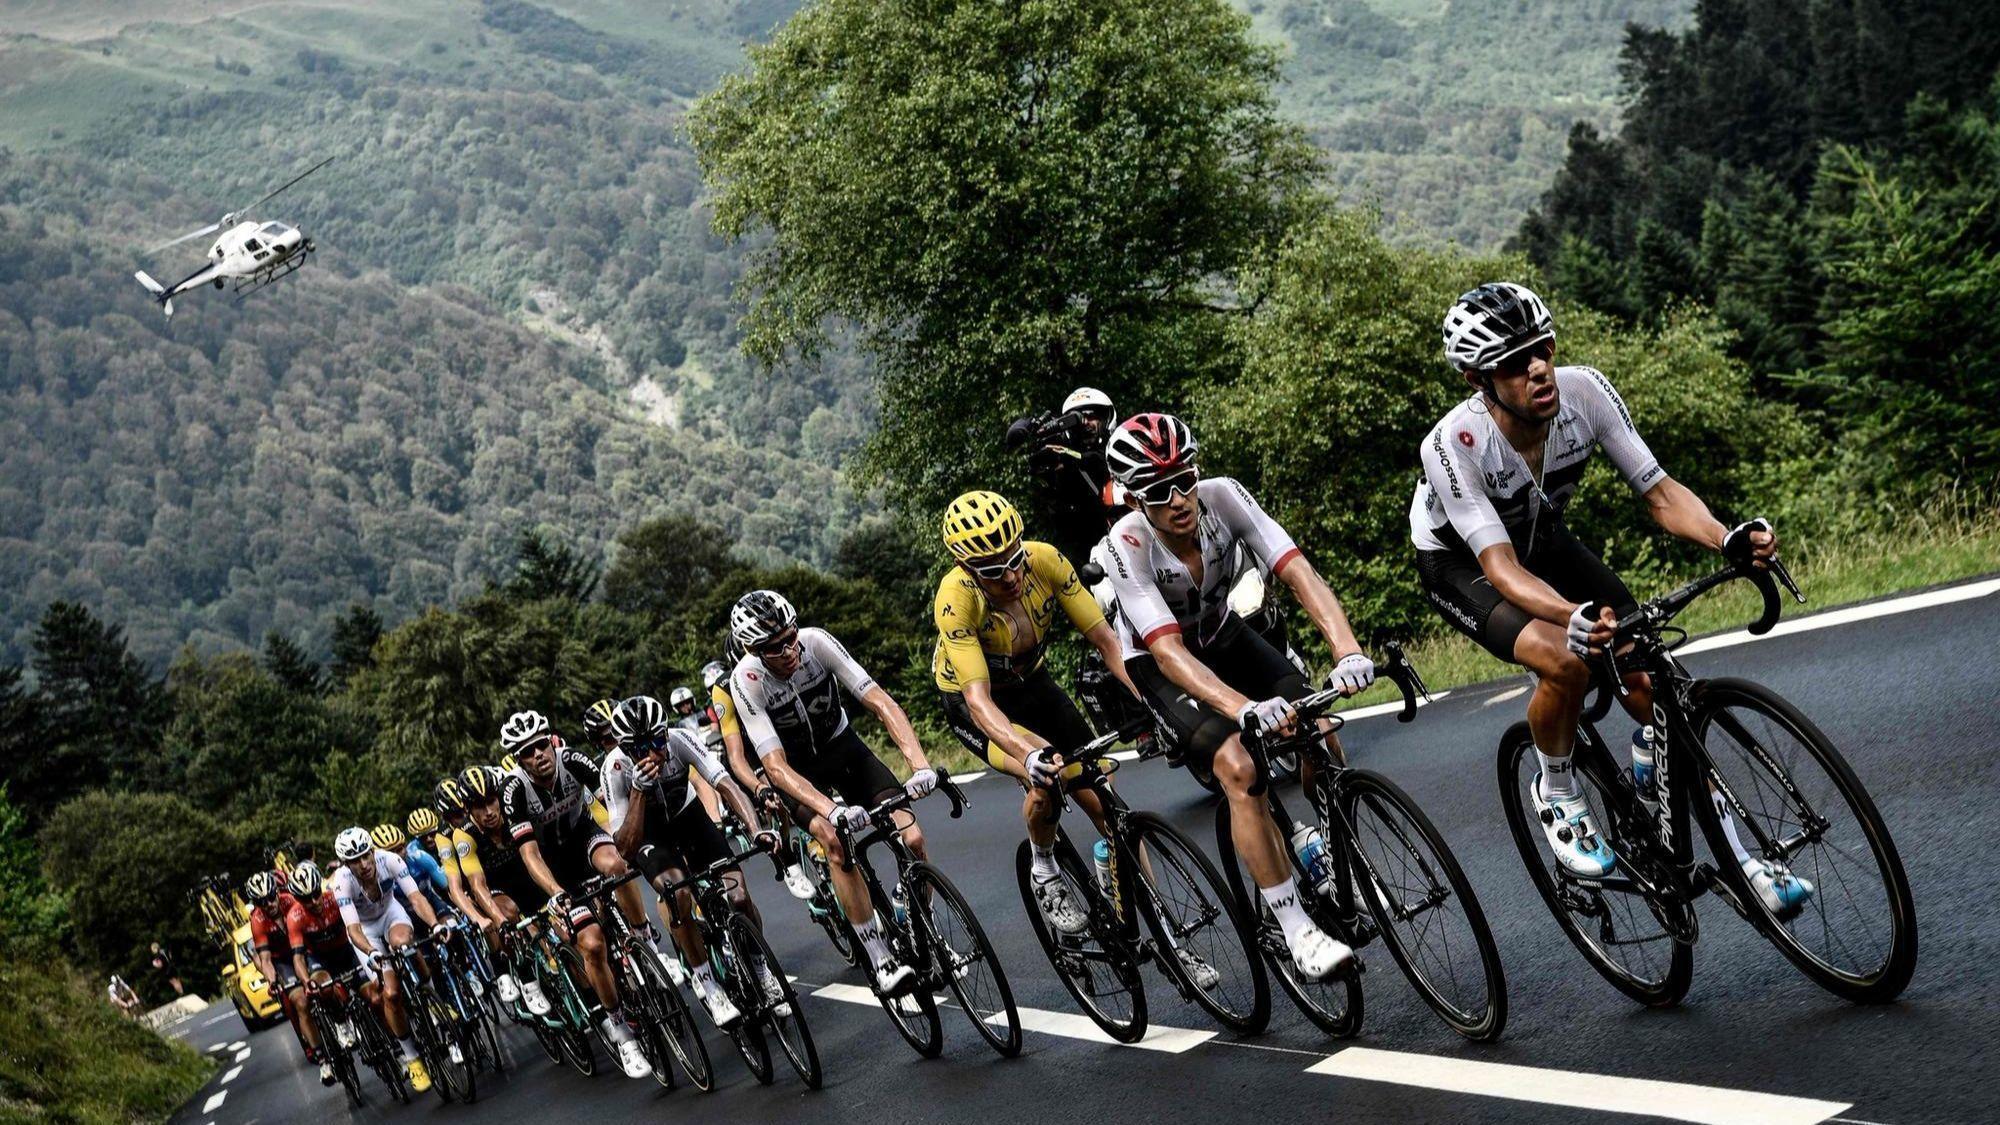 Geraint Thomas increases Tour de France lead as Chris Froome loses podium spot